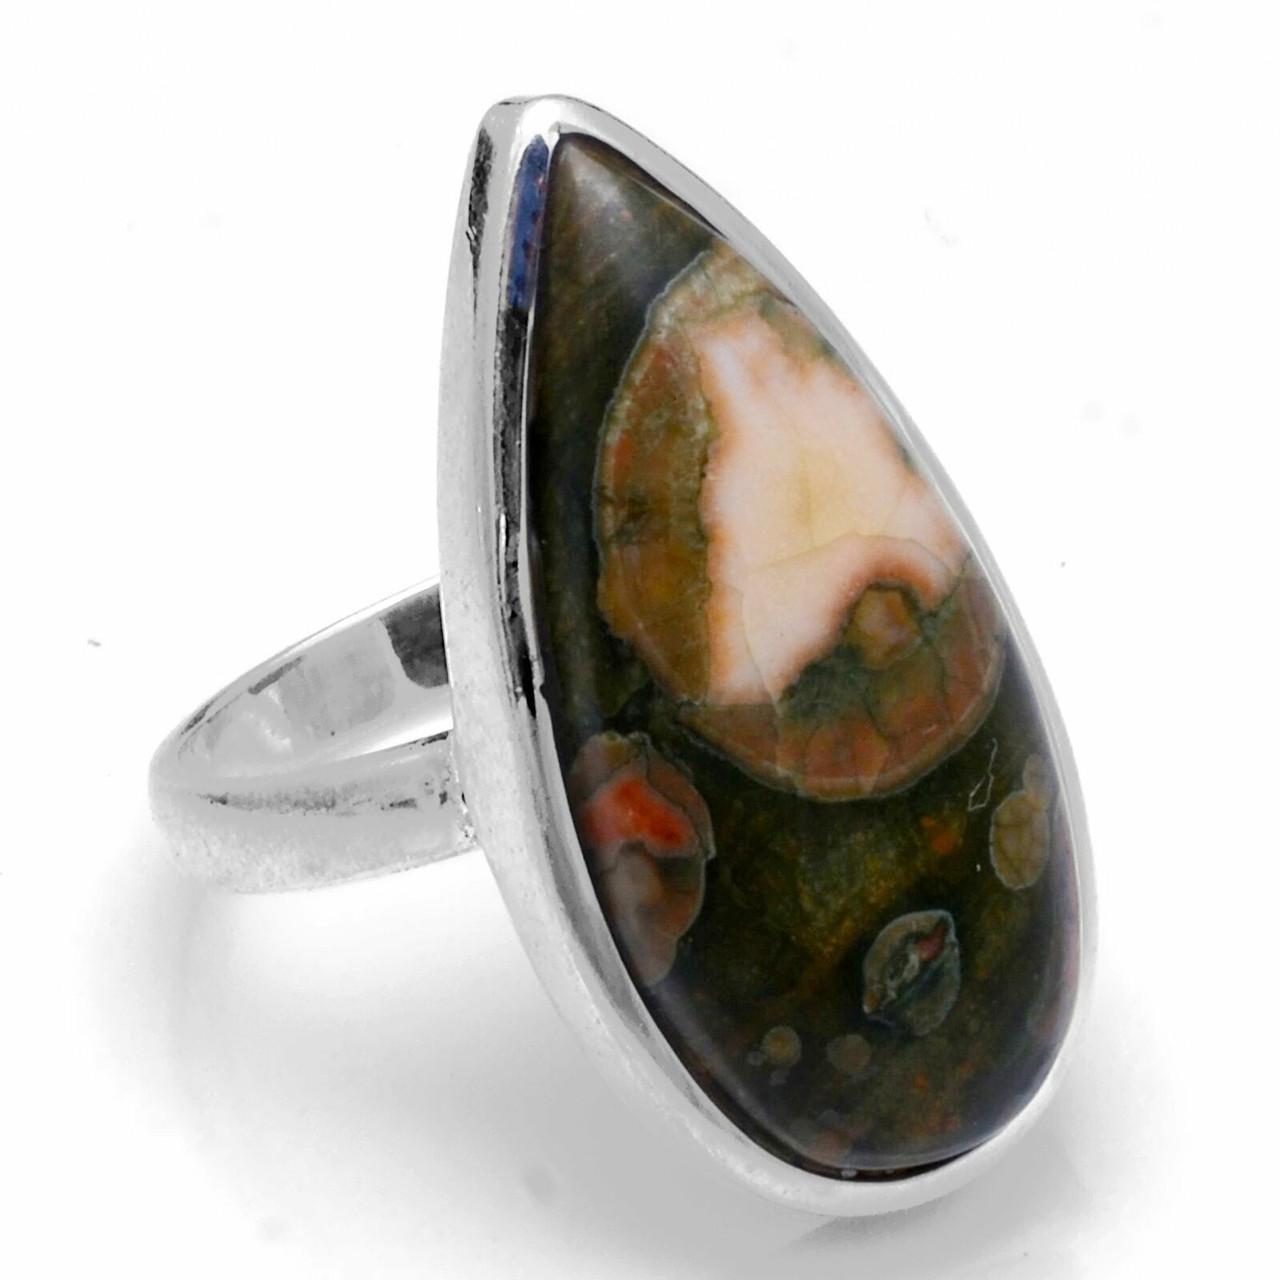 Серебряное кольцо с риолитом (липарит), 17*13 мм., 1924КЦР